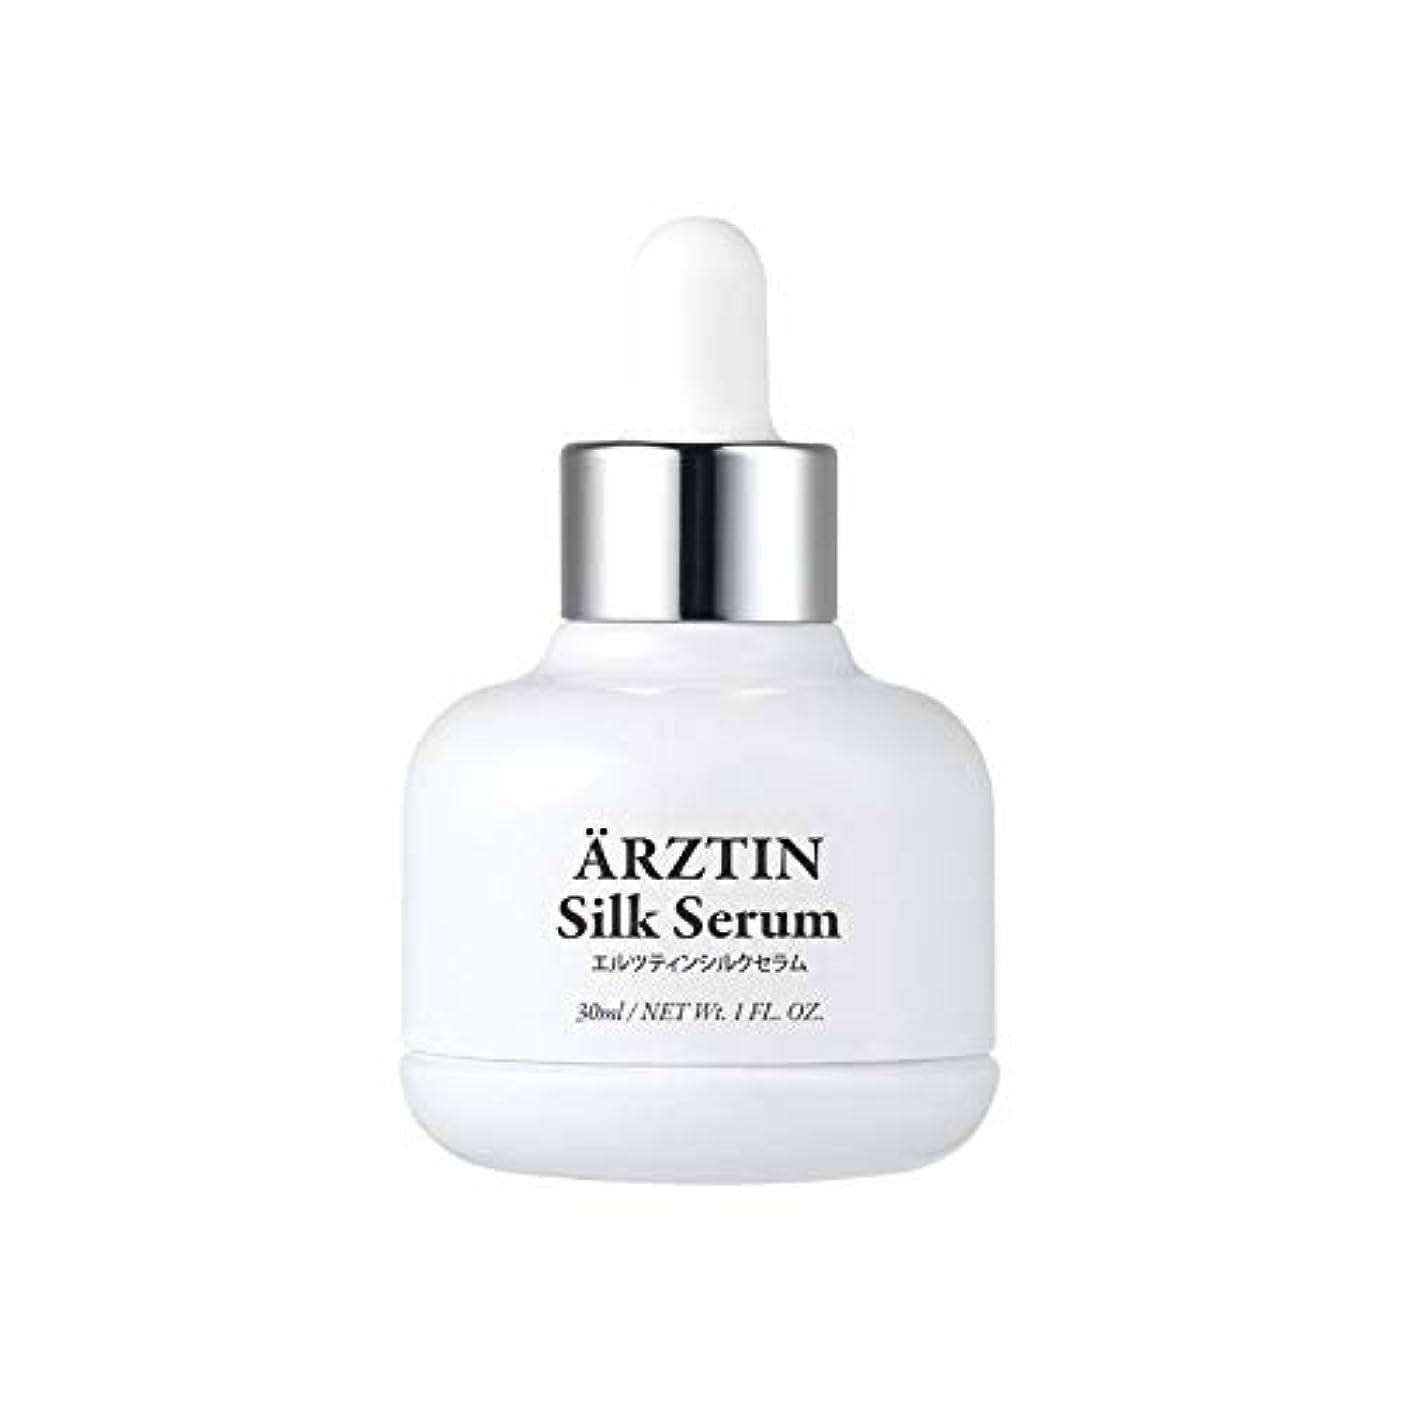 悪性信じられないグロー毛穴 引き締まり 小じわ 栄養 潤い 保湿 水分 しっとり肌 エルツティン シルク セラム 30ml アンプル ARZTIN SILK SERUM SHINBEE